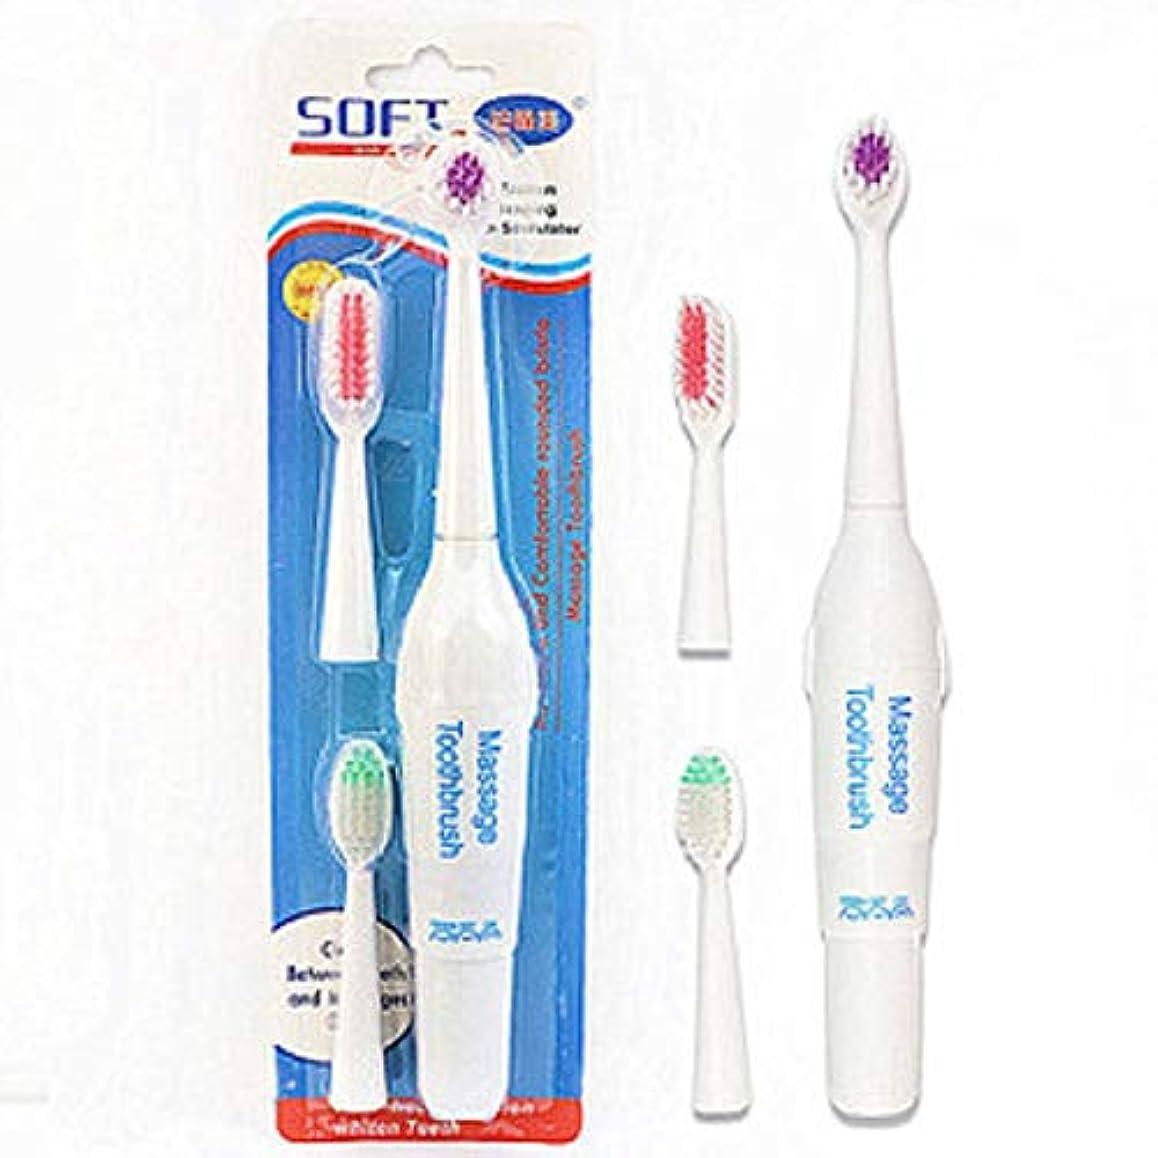 真っ逆さまとまり木スキップペット電動歯ブラシ犬猫電動歯ブラシ、バッテリーなし(ハンドルフォントはランダムに3色で送信されます)(ホワイト)